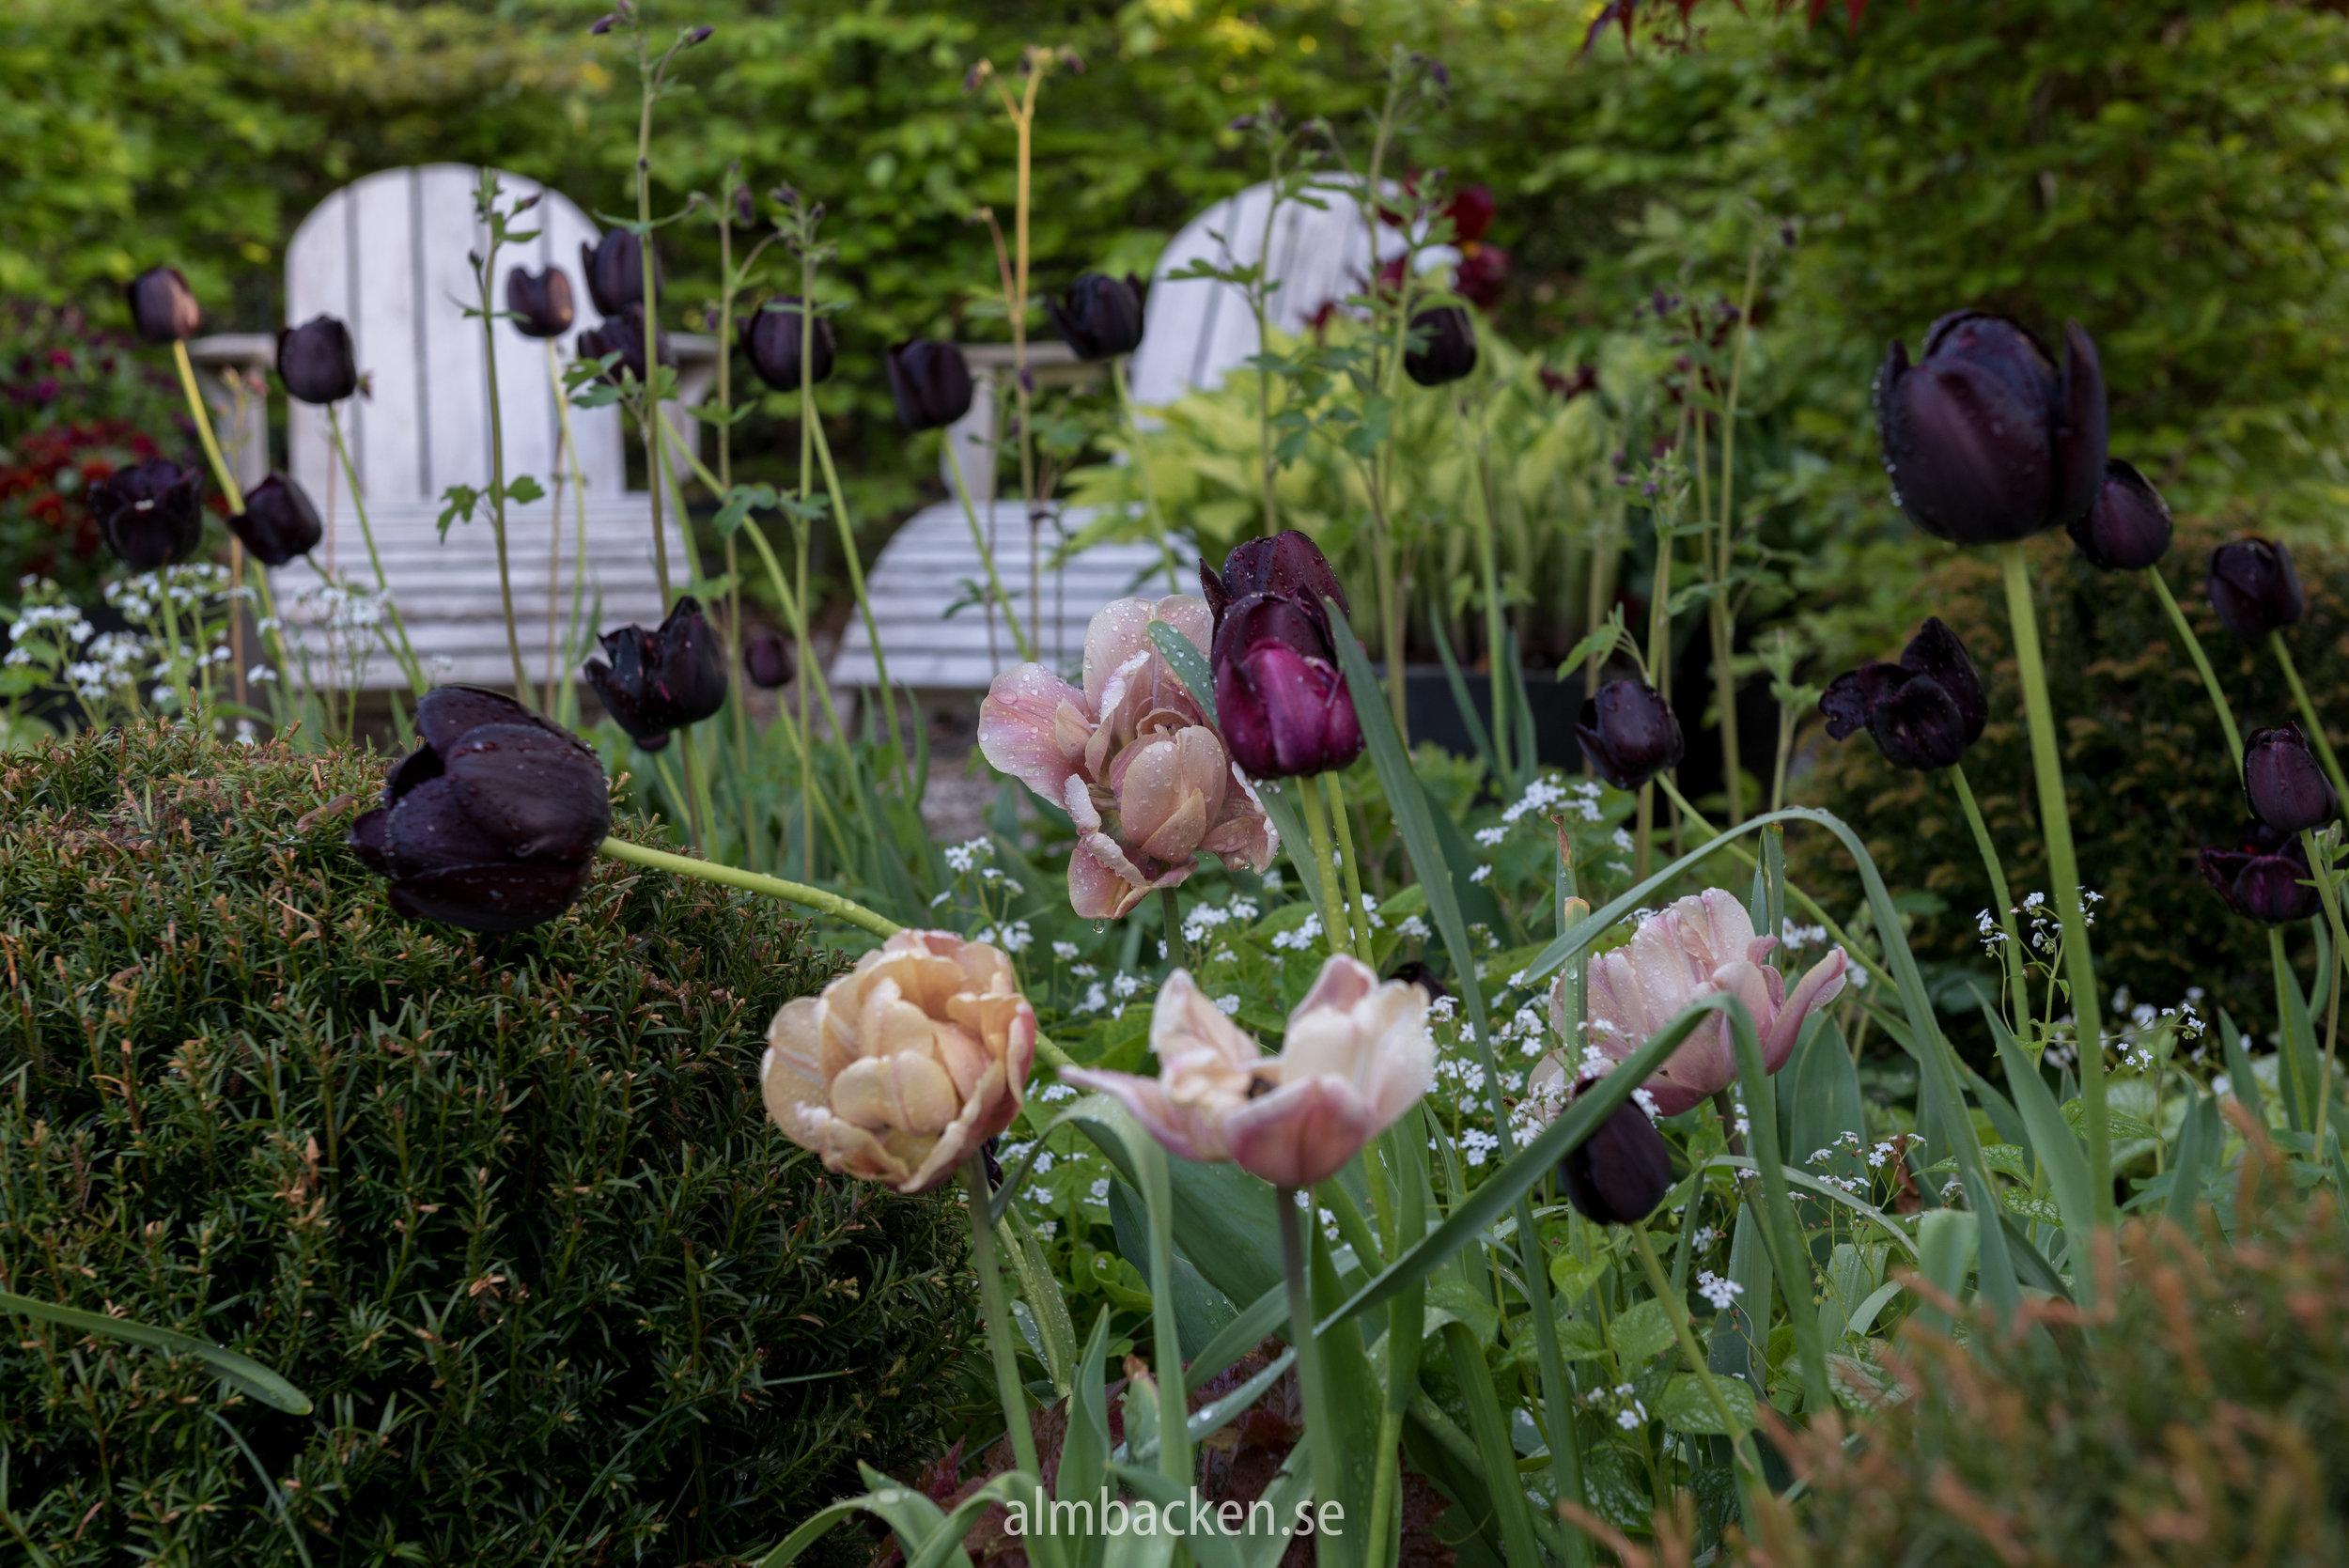 Tulipa-la-belle-epoque-paul-scherer-almbacken-tradgardsdesign.jpg